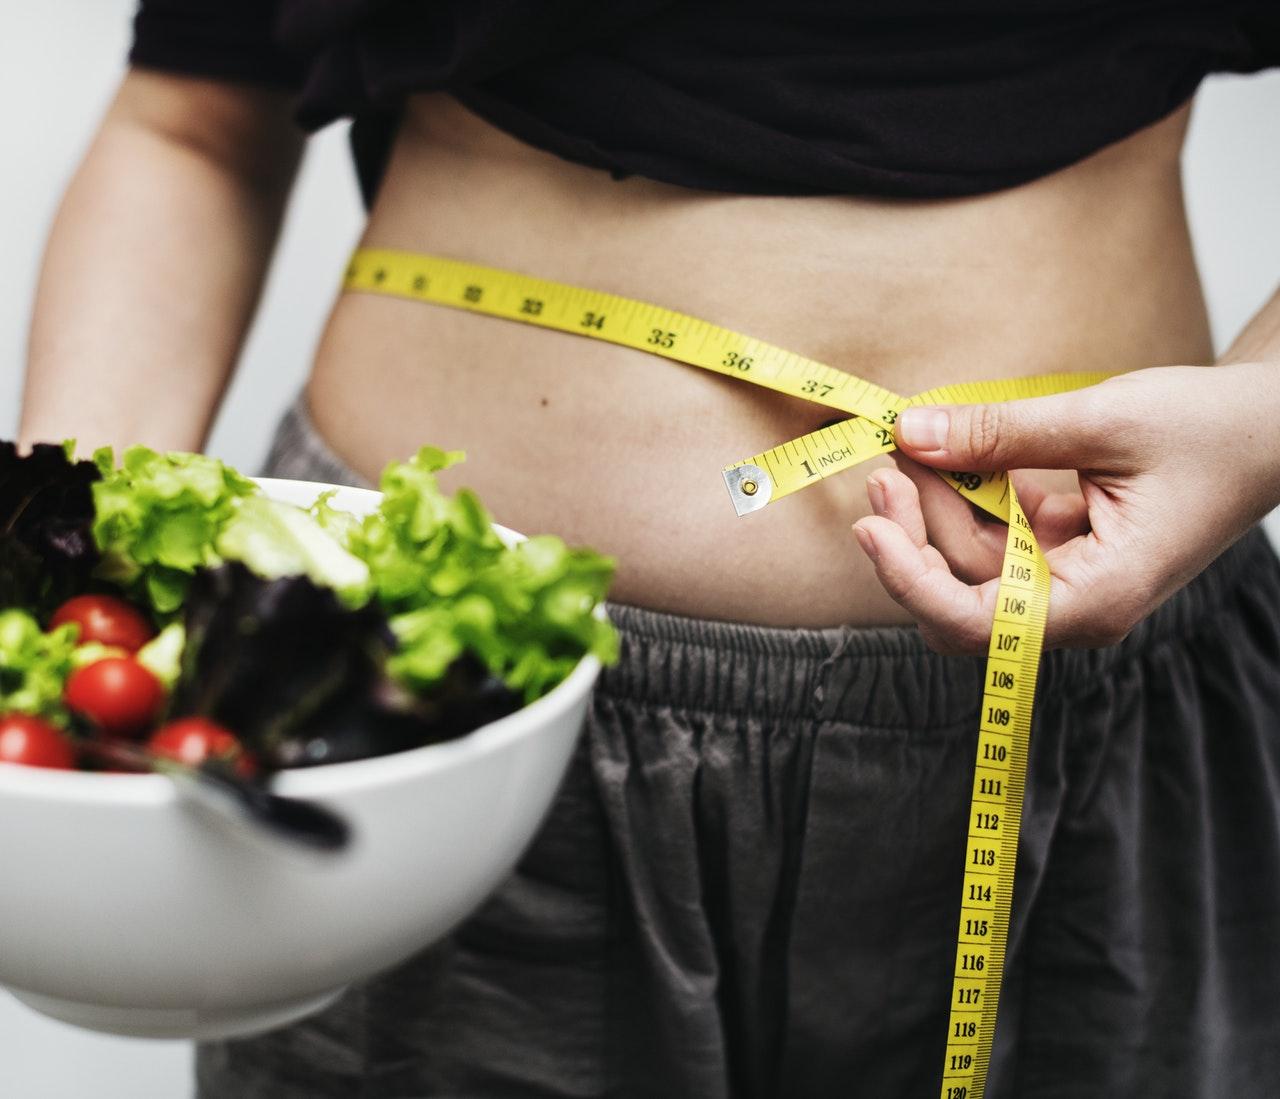 Mudança De Hábitos (mês A Mês) Para 2019